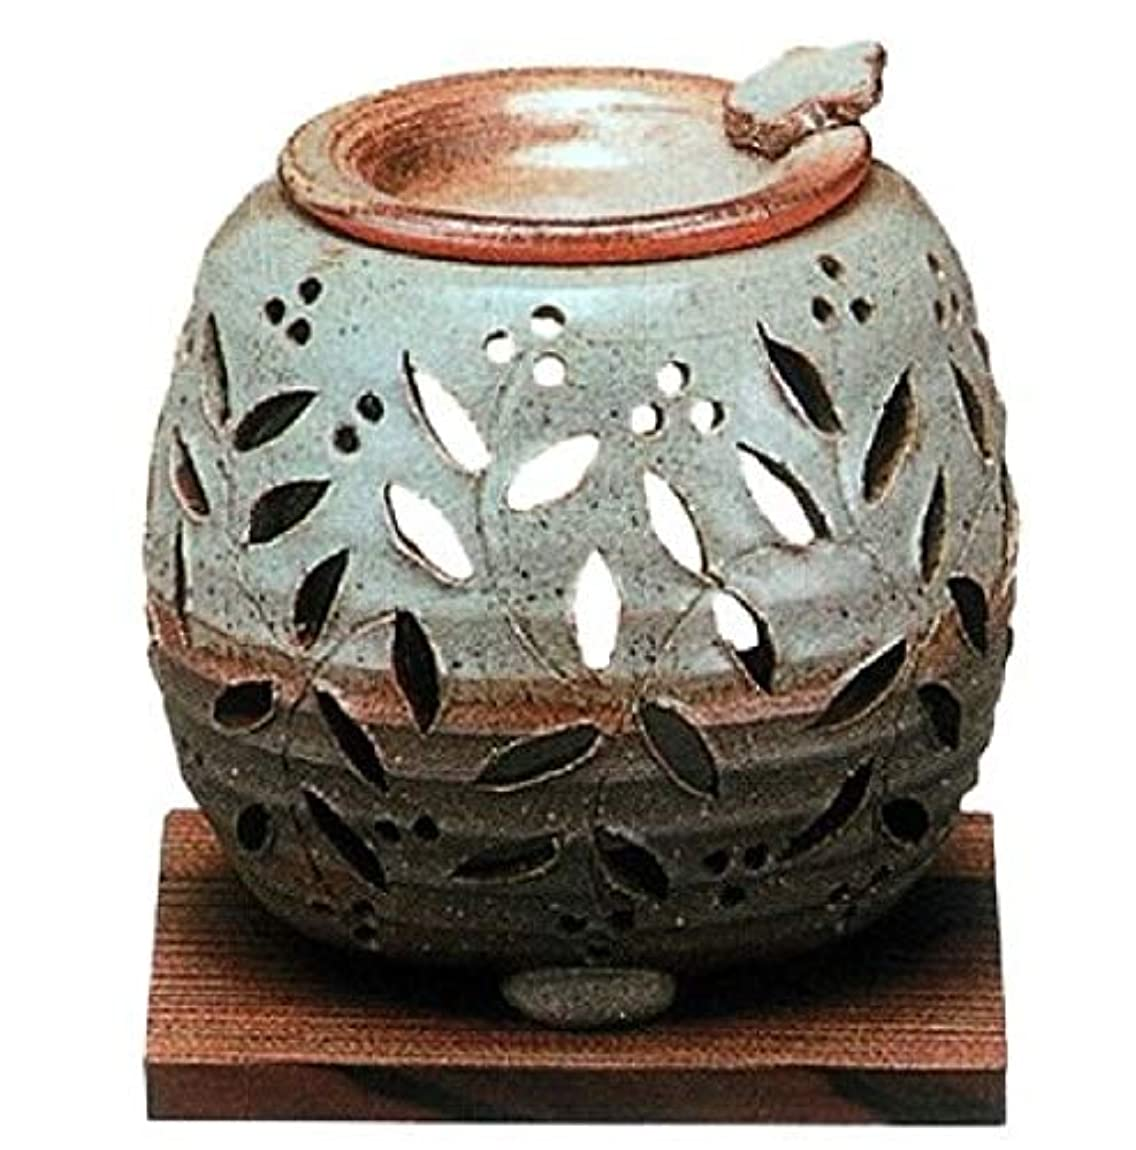 隠された帰る使役常滑焼?石龍窯 カ38-10 茶香炉 焼杉板付 径10×10cm